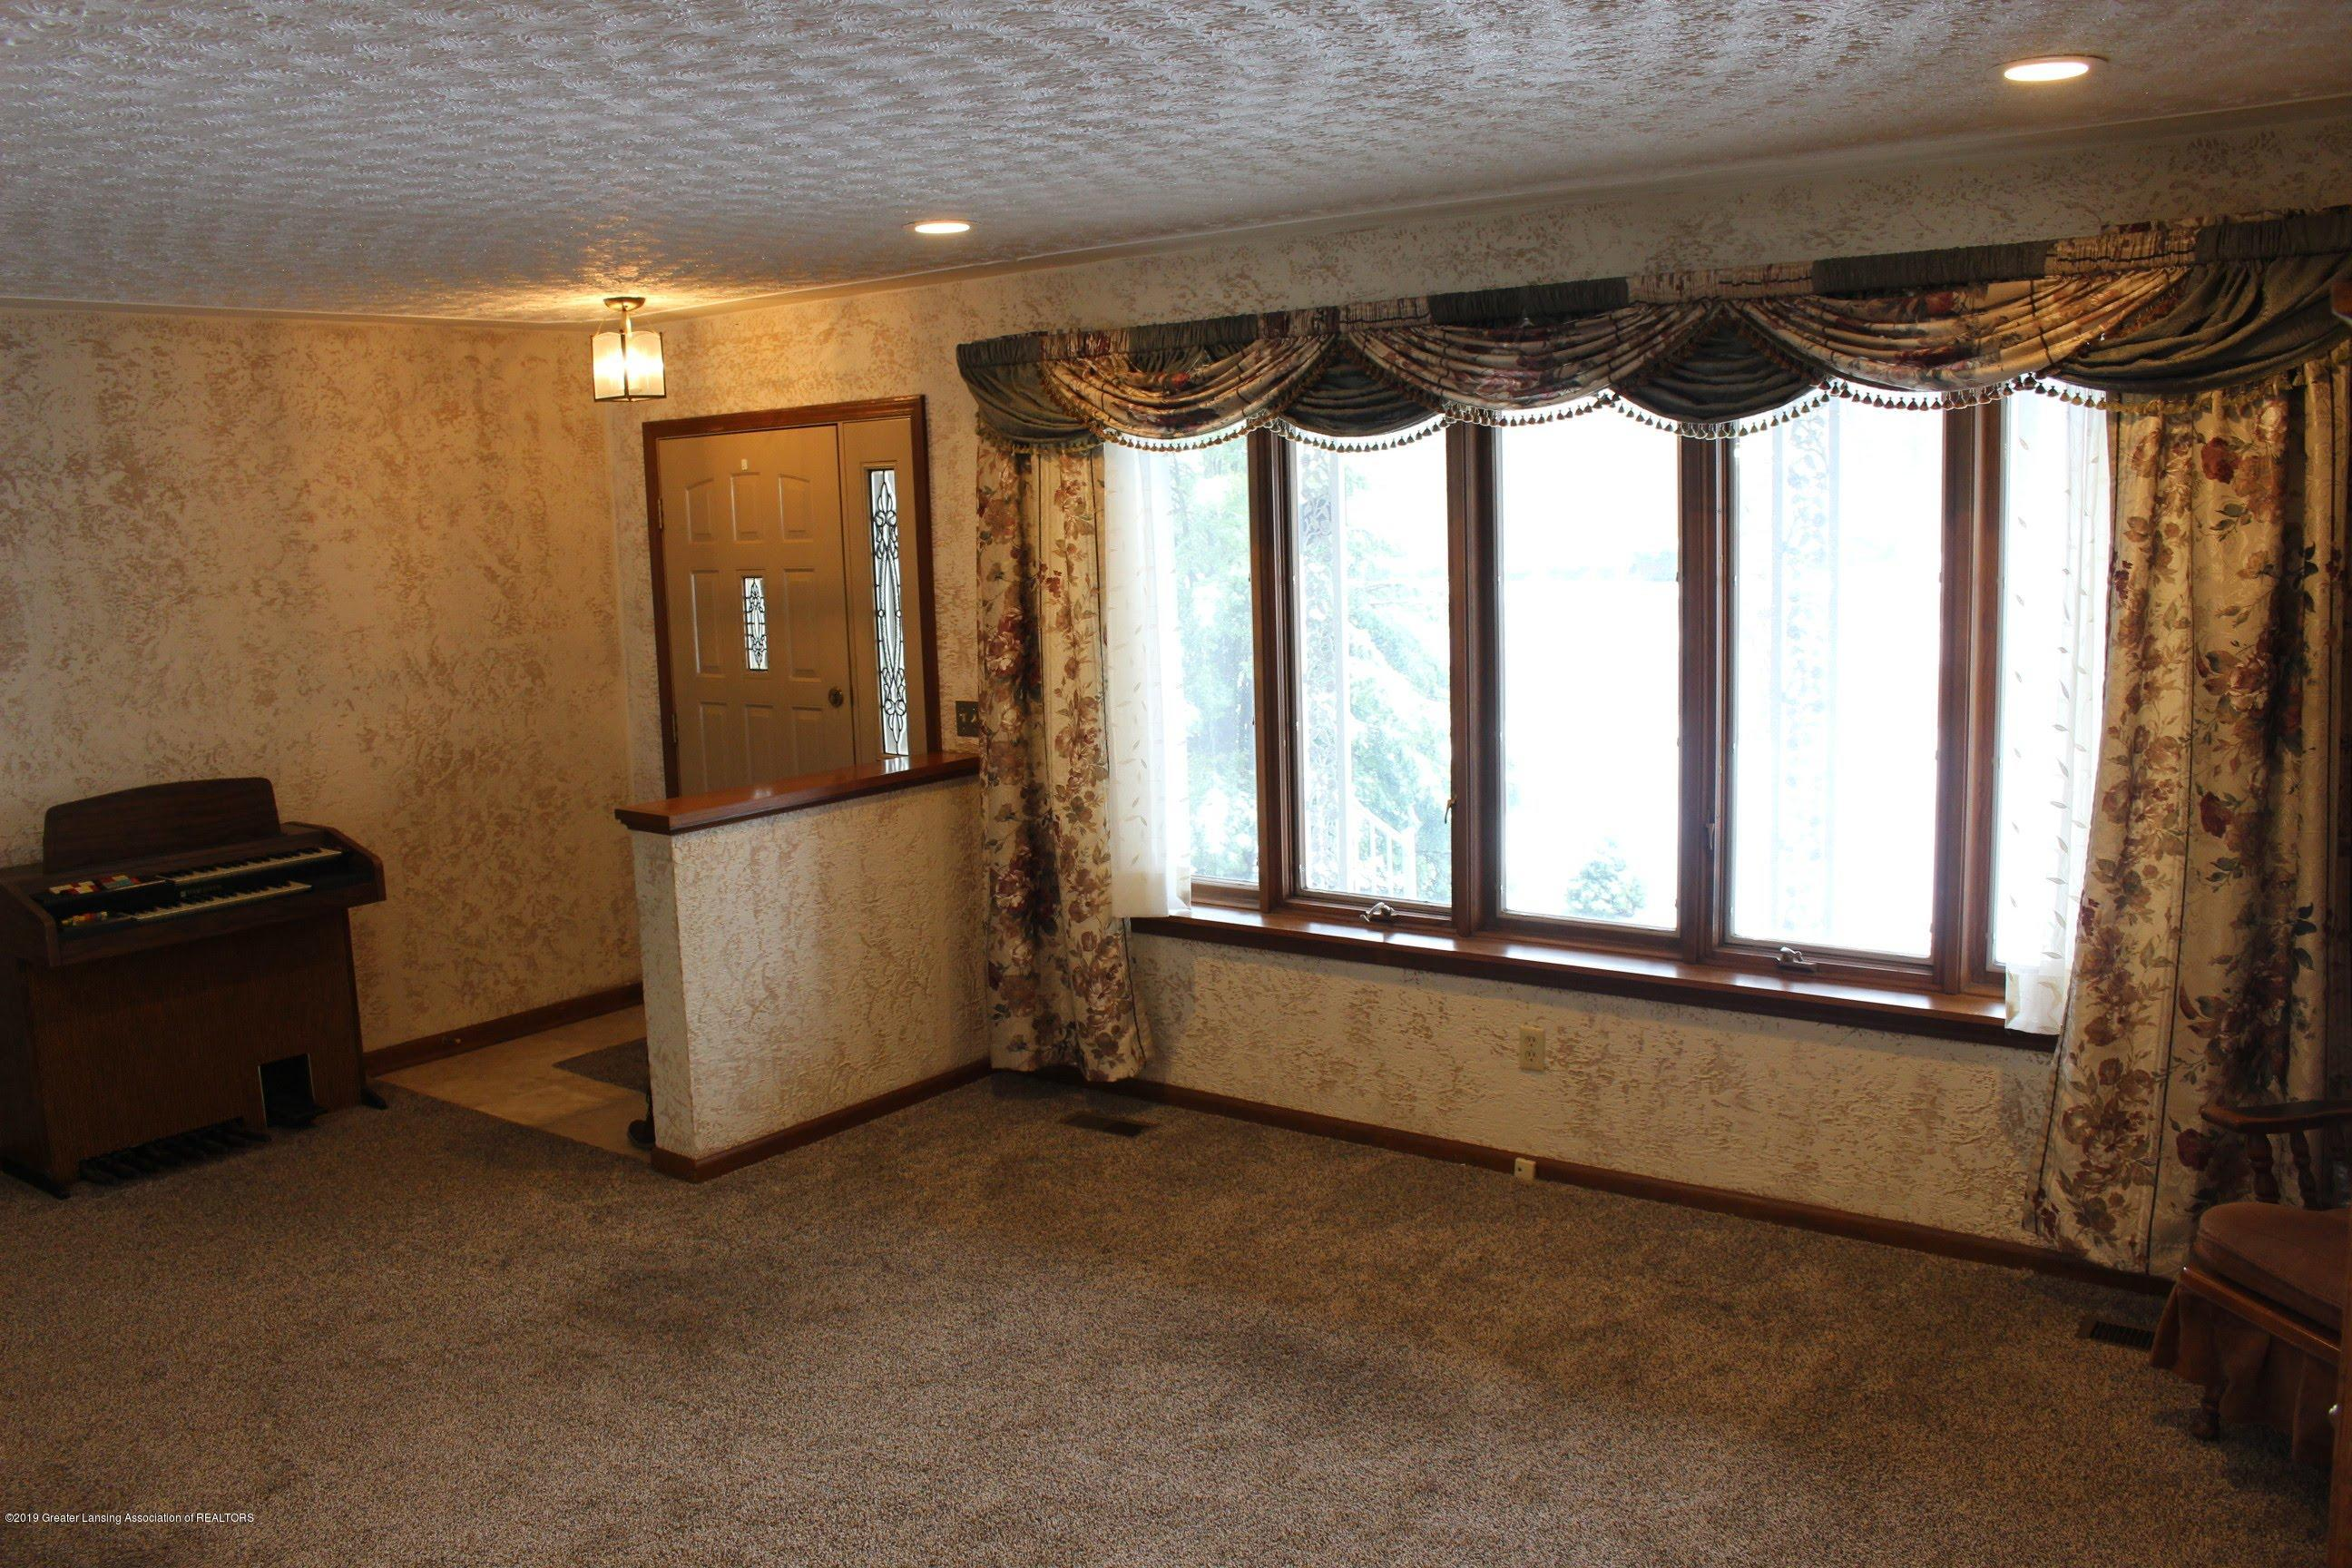 436 N Maple St - Living Room - 7